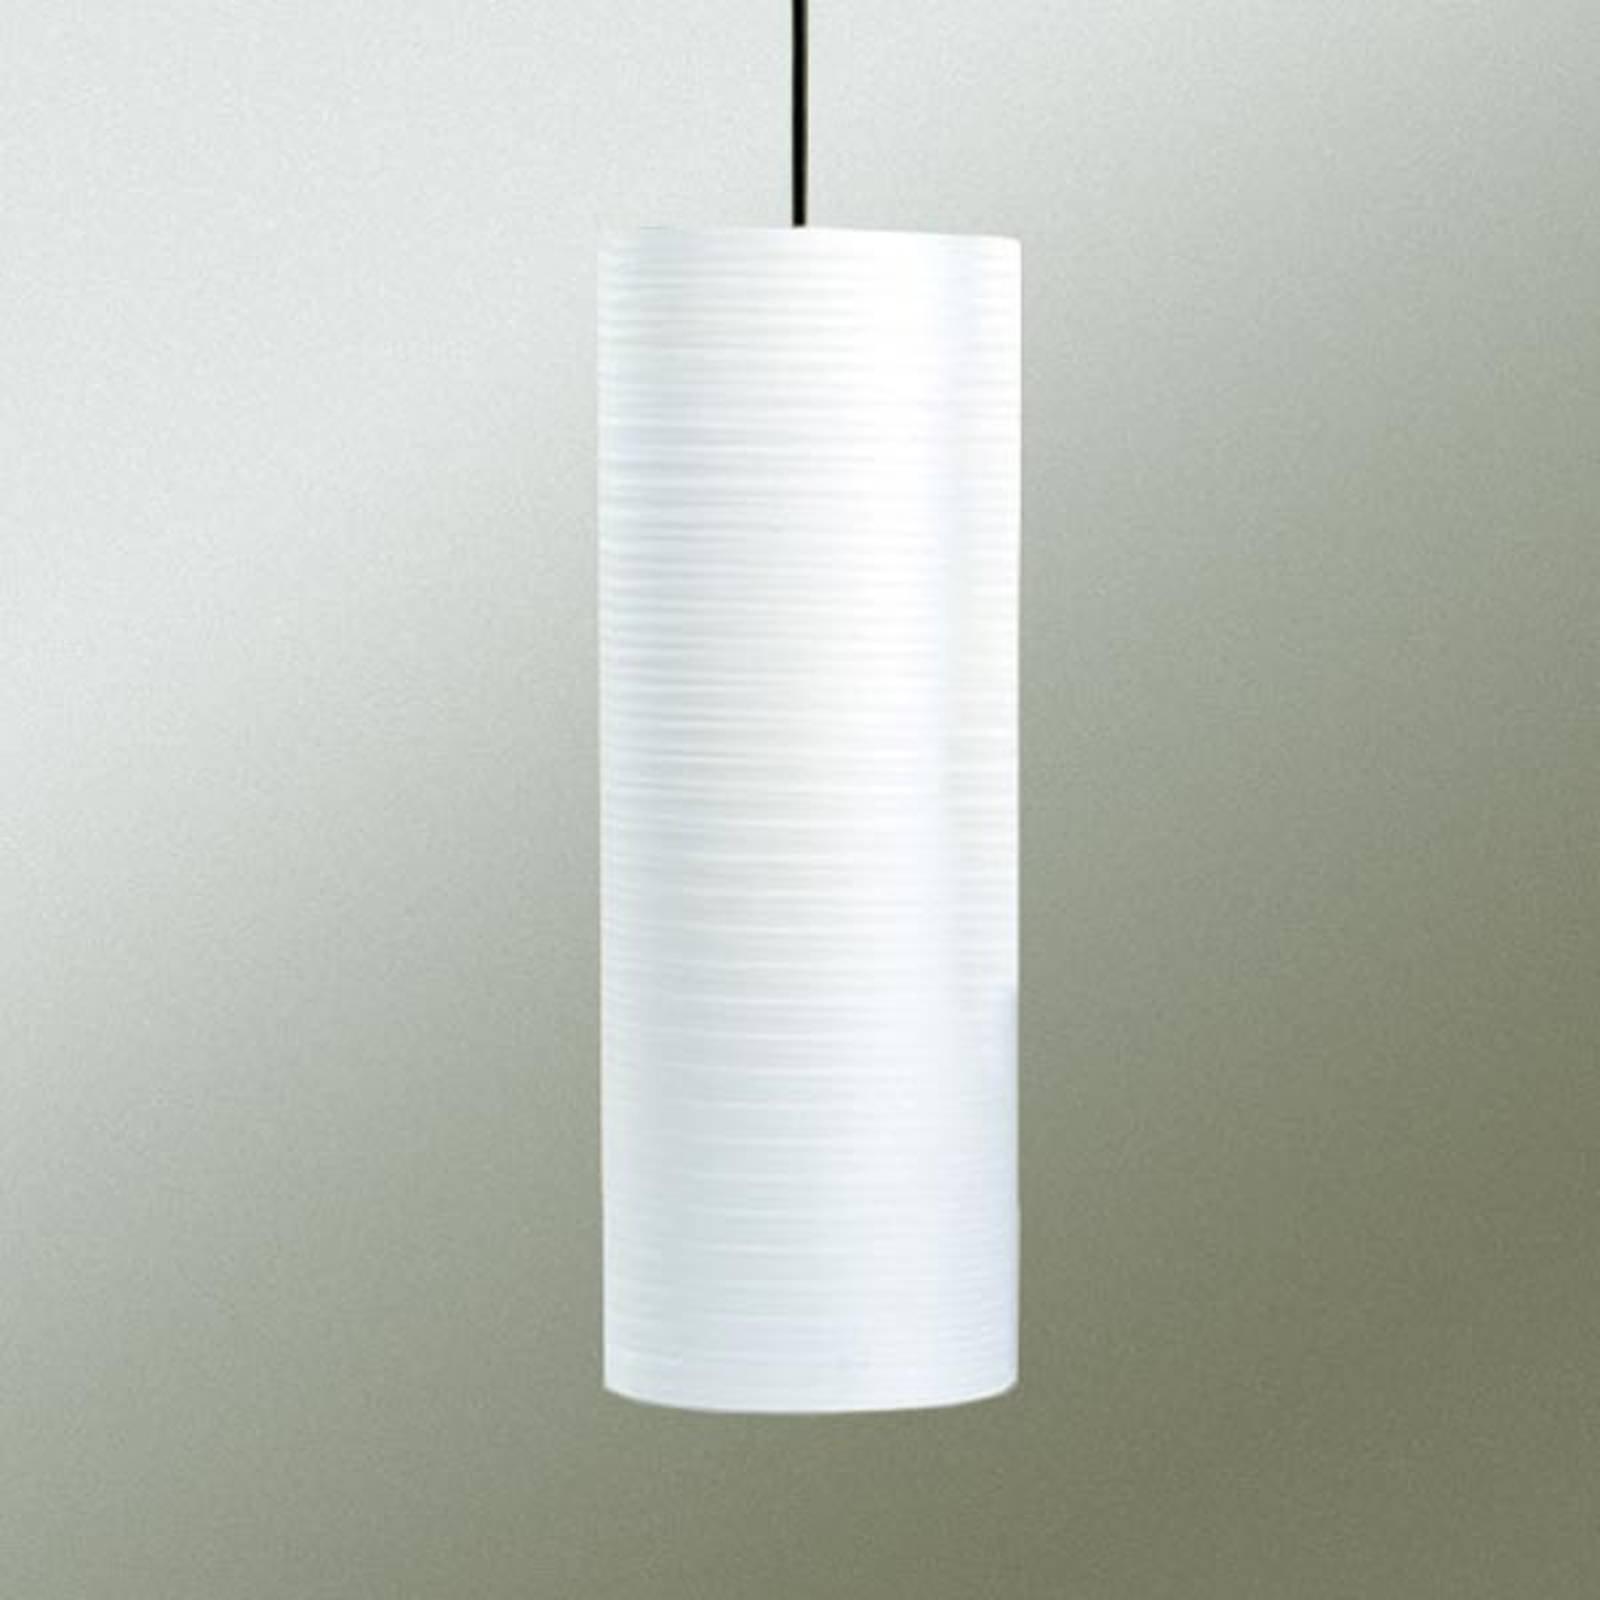 Tube pendellampe, 30 cm, hvit